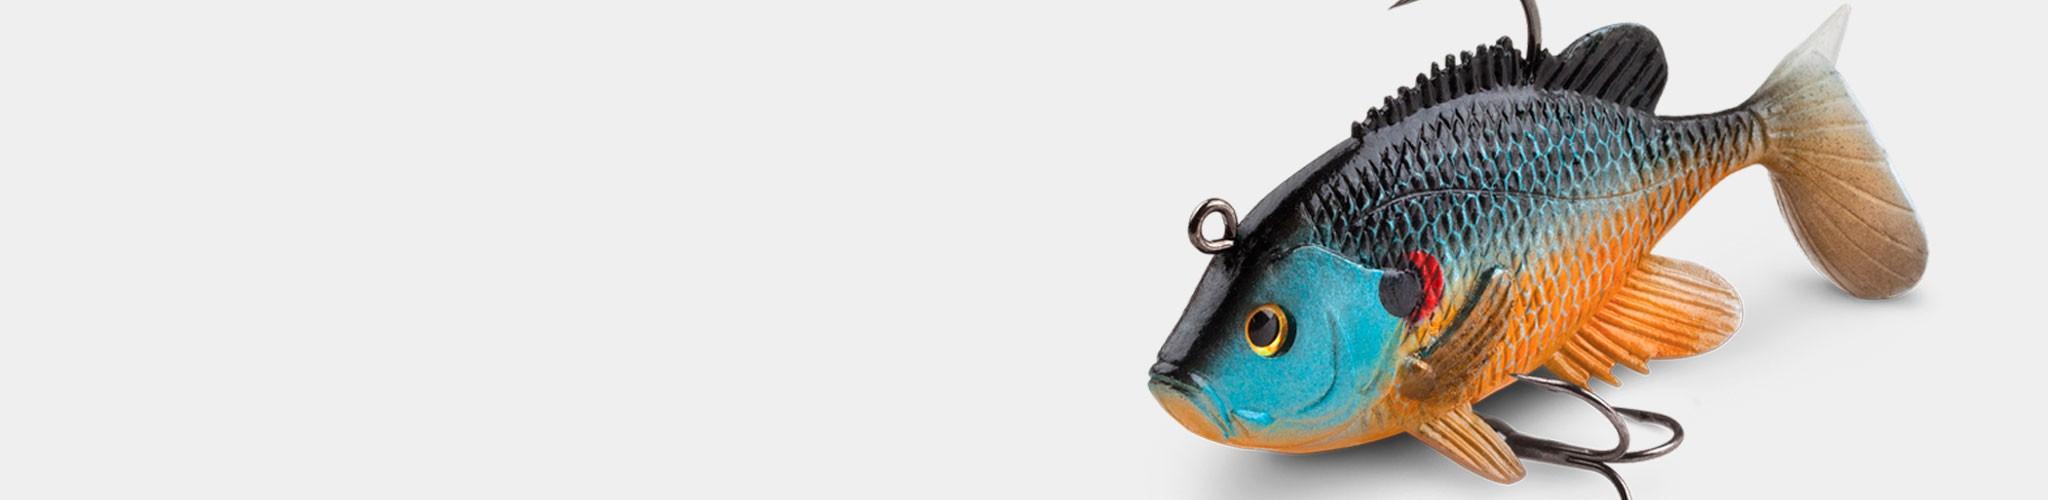 artículos-de-pesca